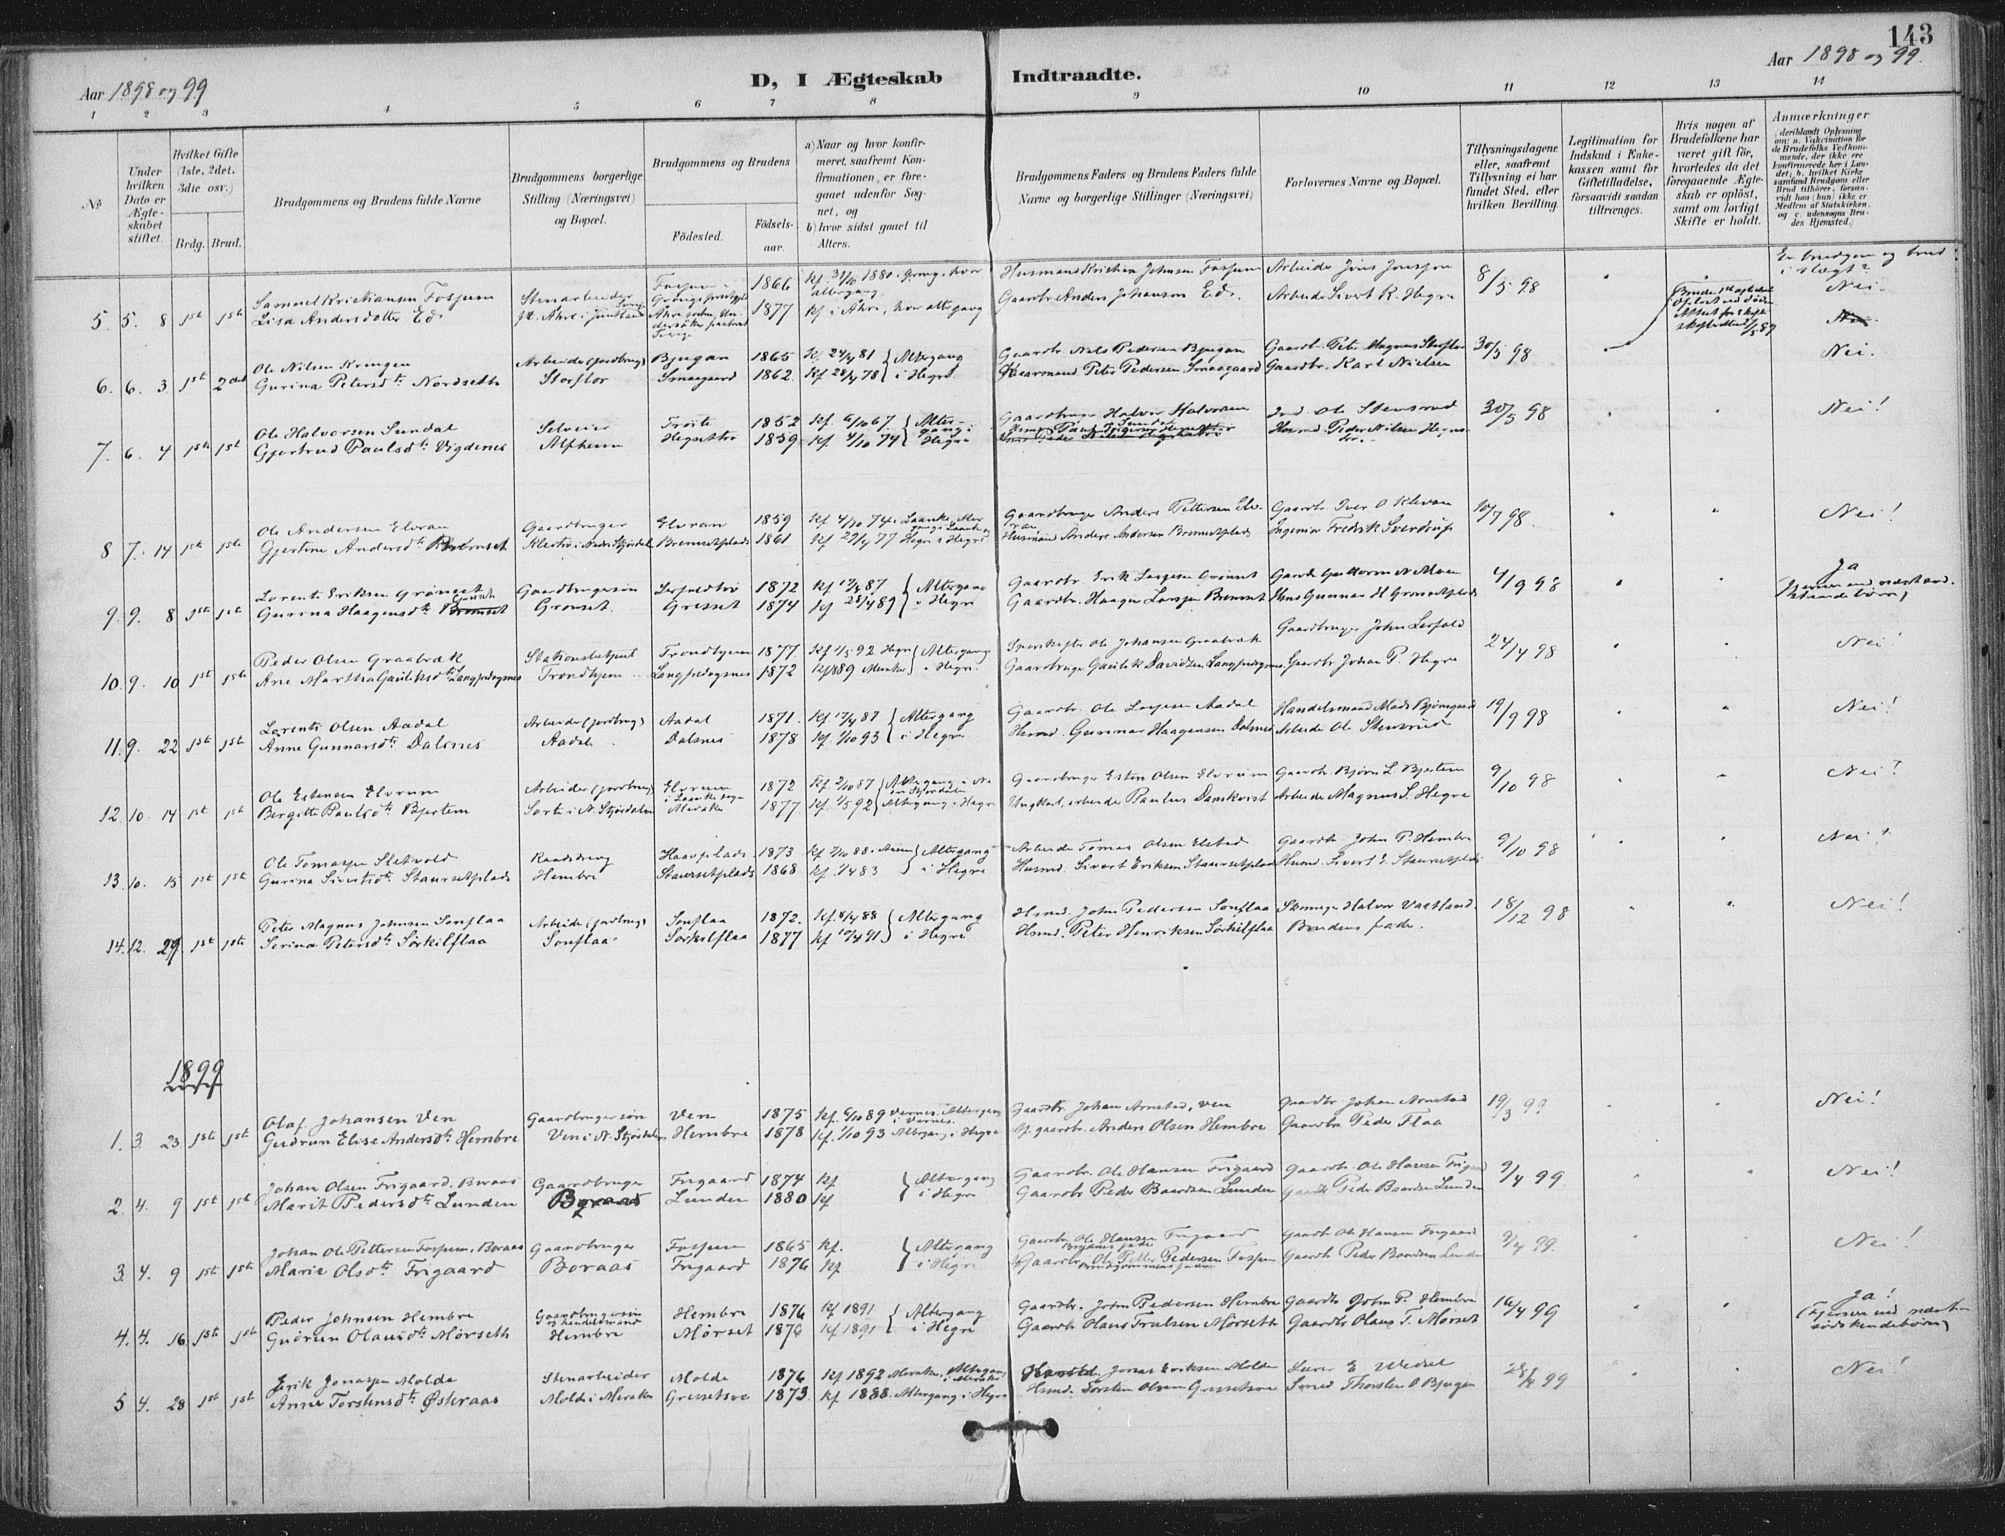 SAT, Ministerialprotokoller, klokkerbøker og fødselsregistre - Nord-Trøndelag, 703/L0031: Ministerialbok nr. 703A04, 1893-1914, s. 143